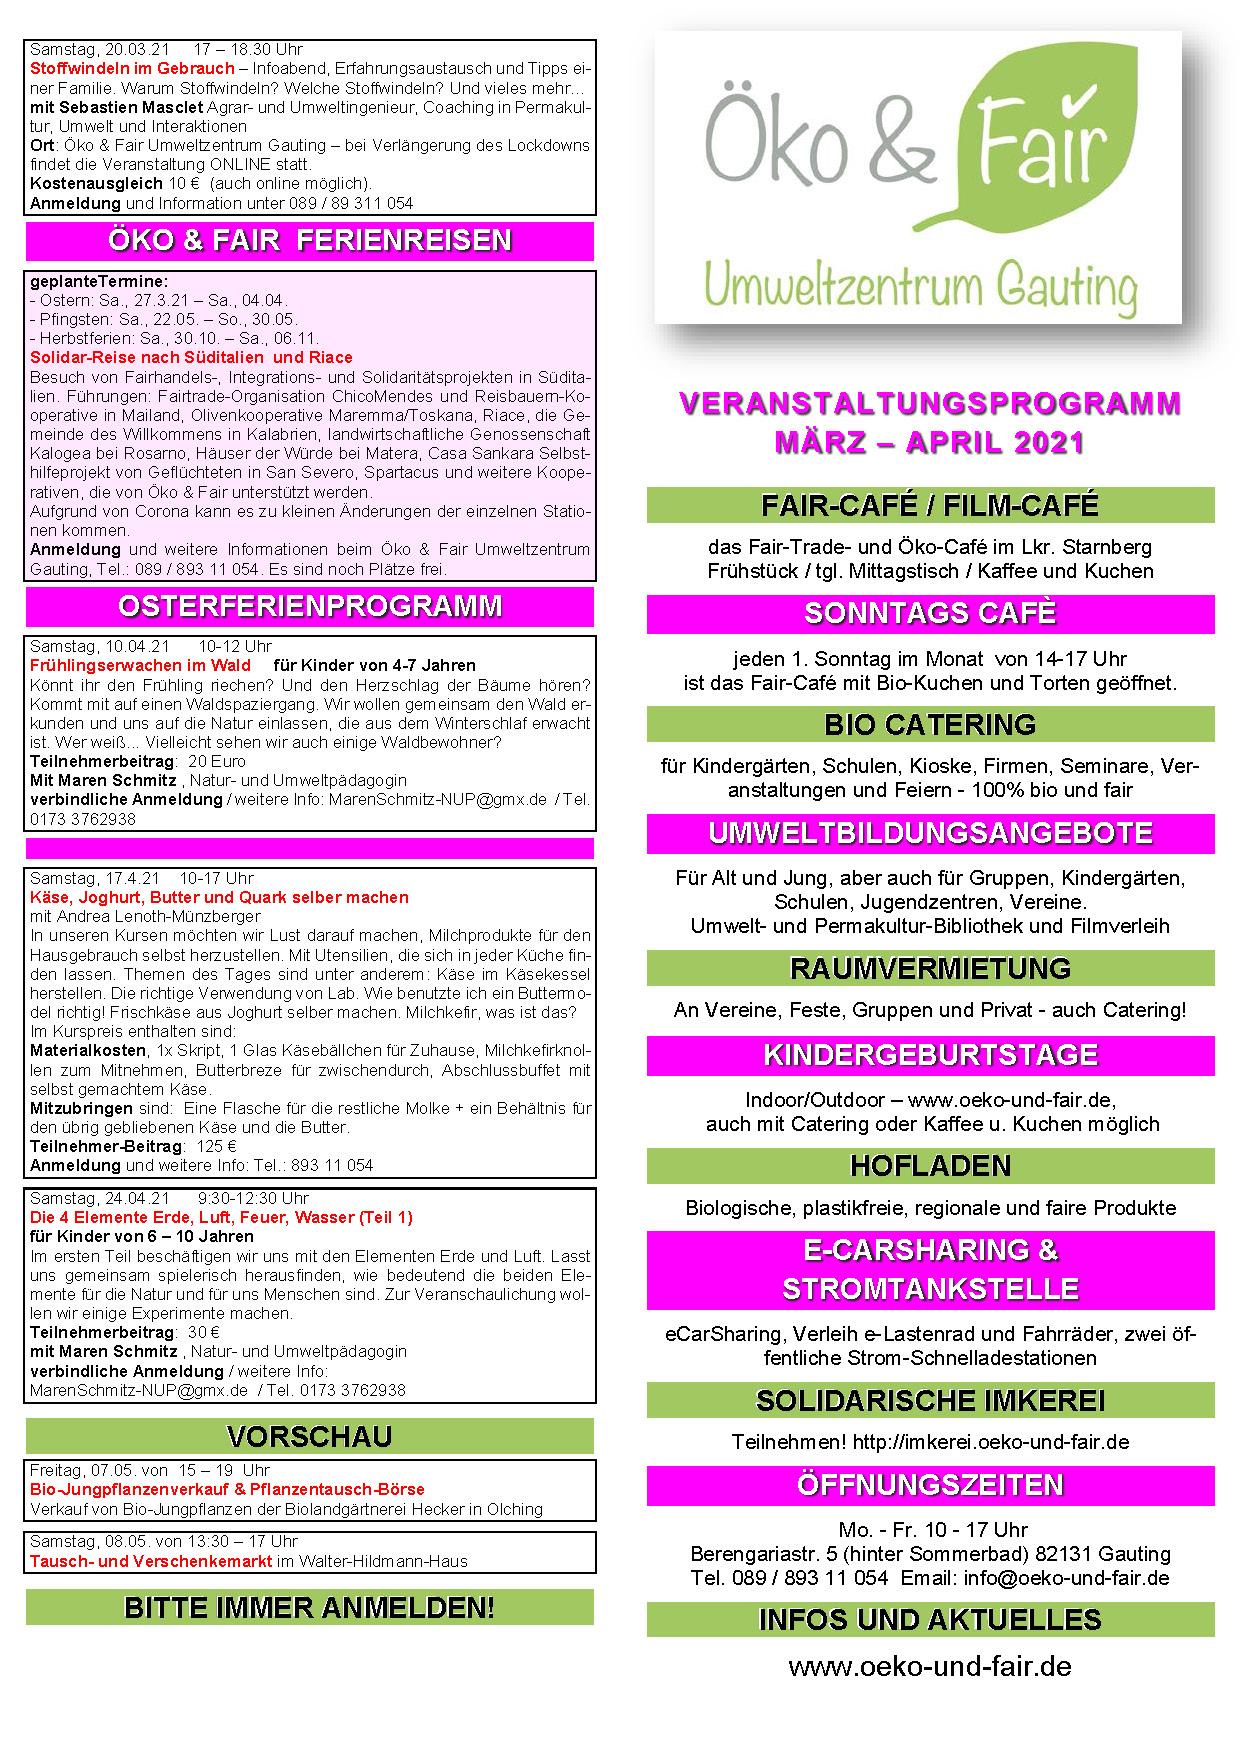 ÖkoFair-Veranstaltungsprogramm März-April. 2021_Seite_1